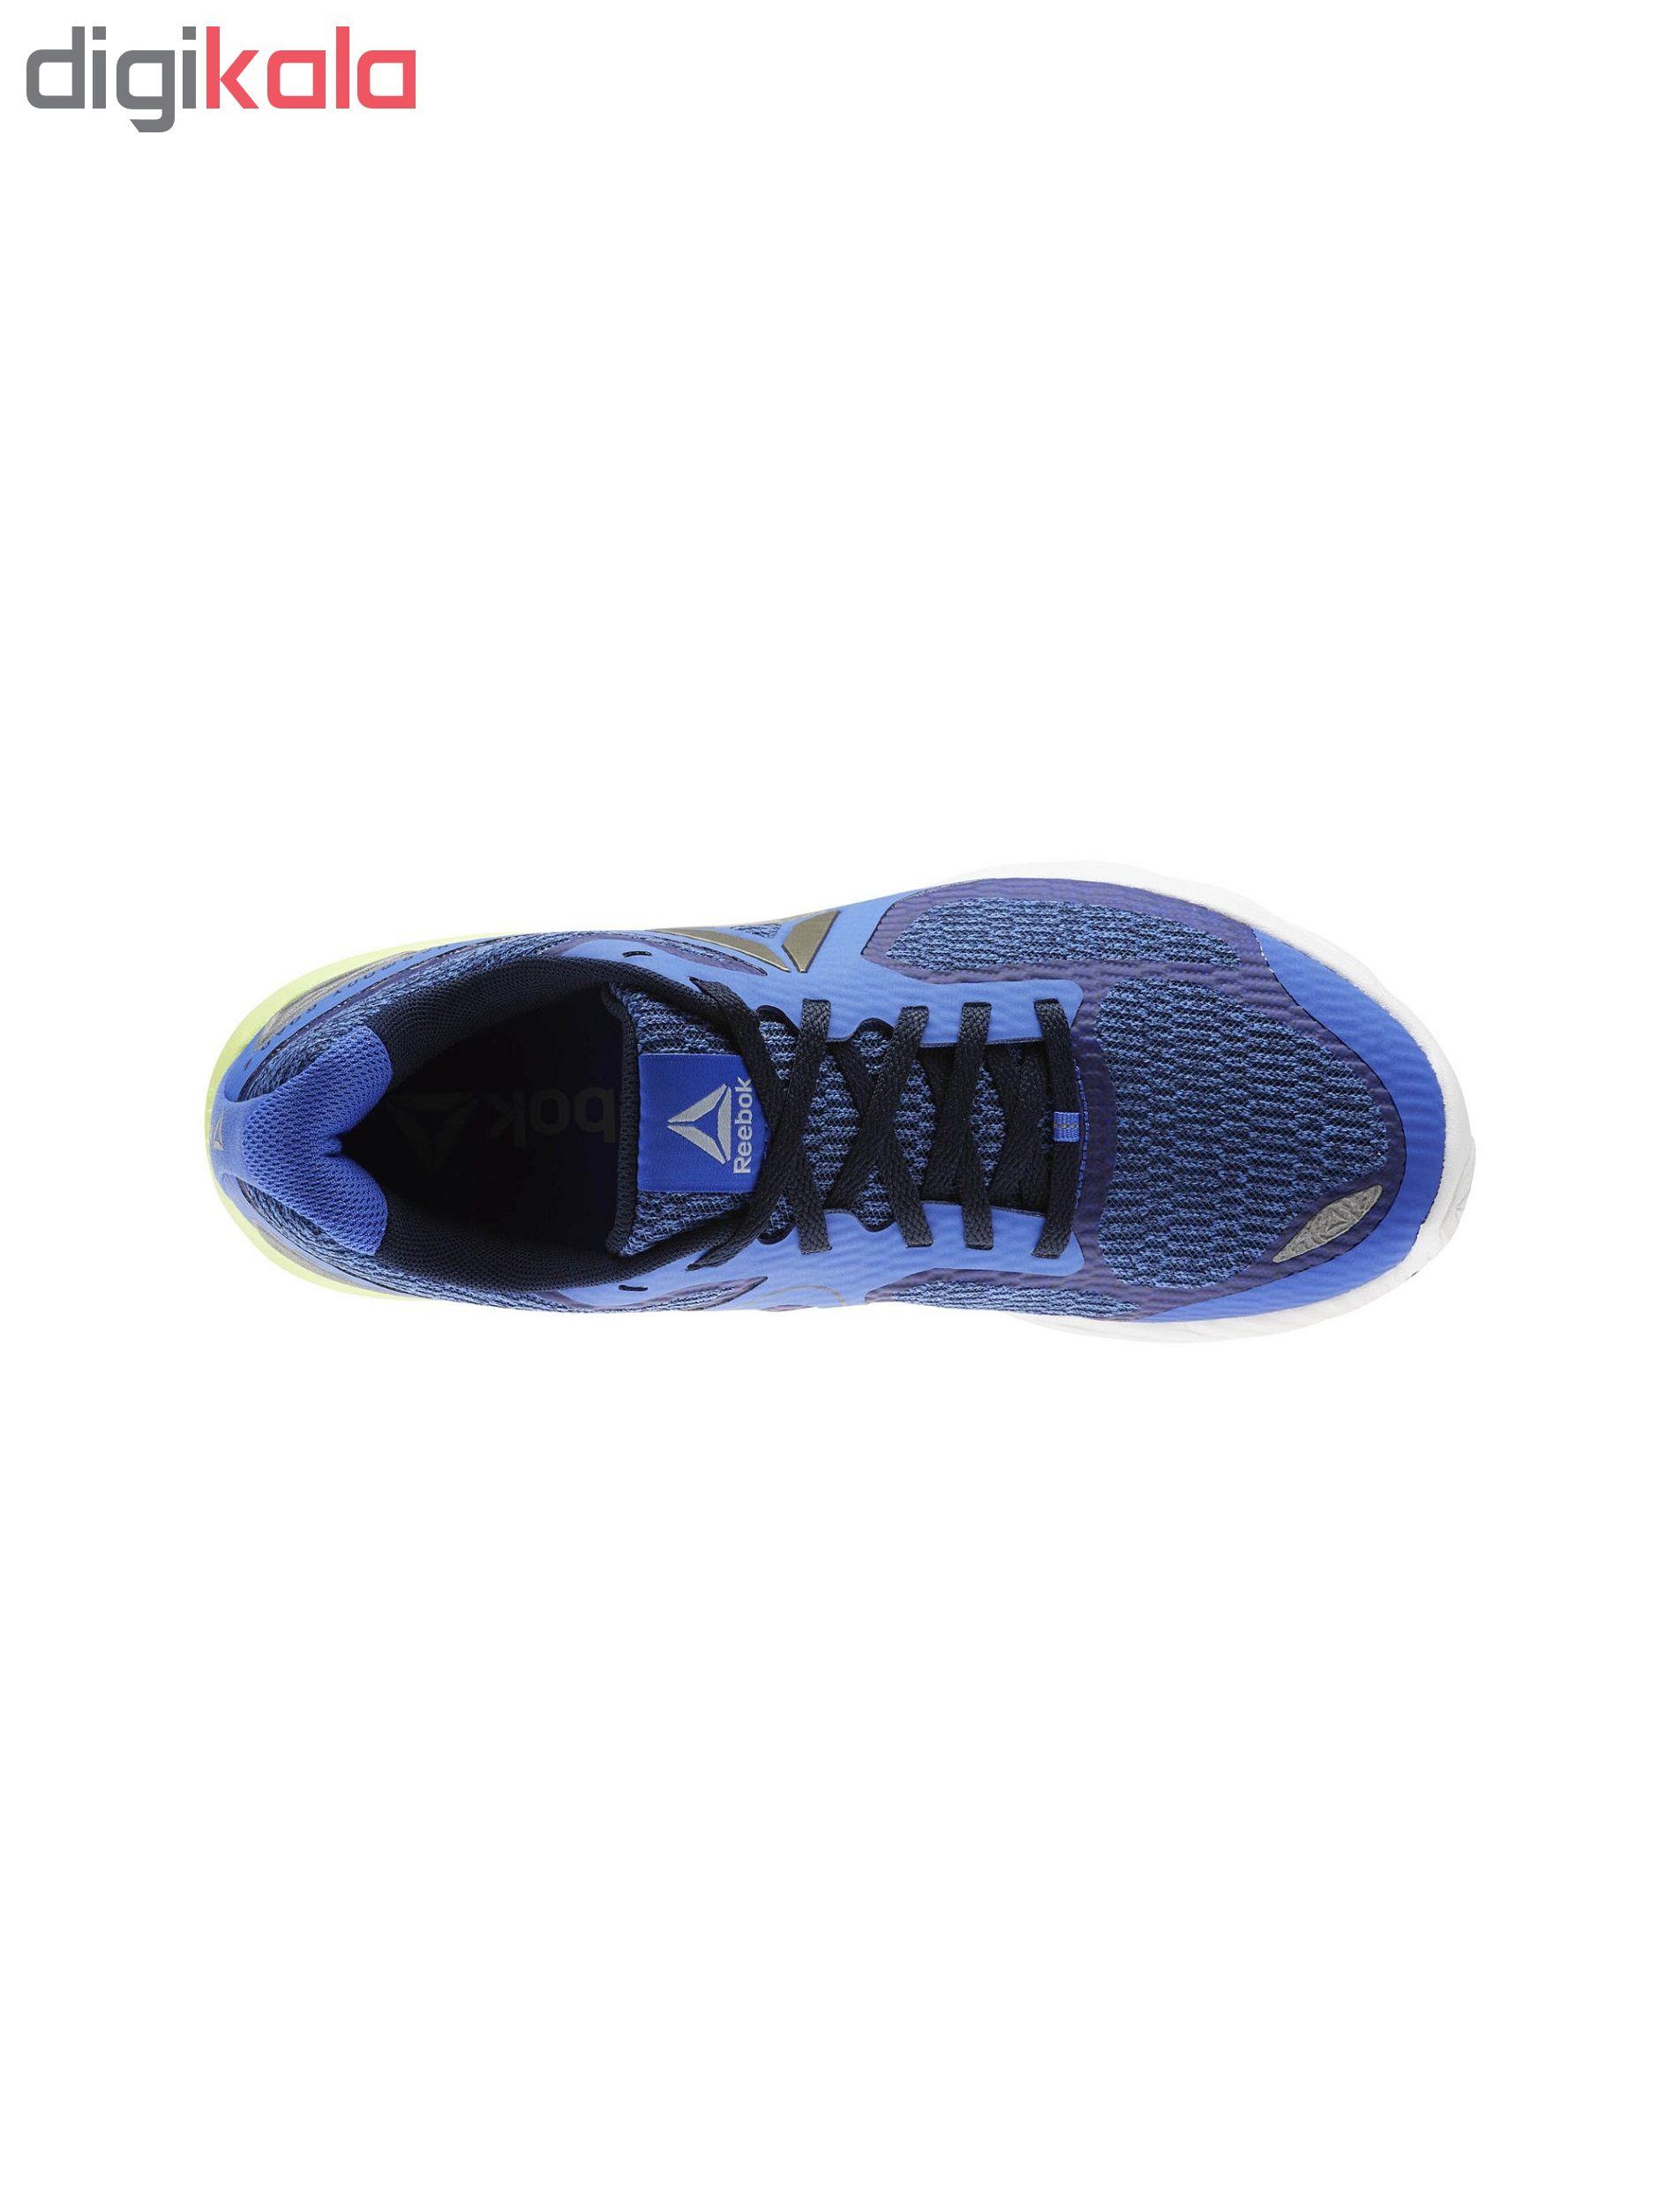 کفش مخصوص دویدن مردانه ریباک مدل harmony کد cn1181